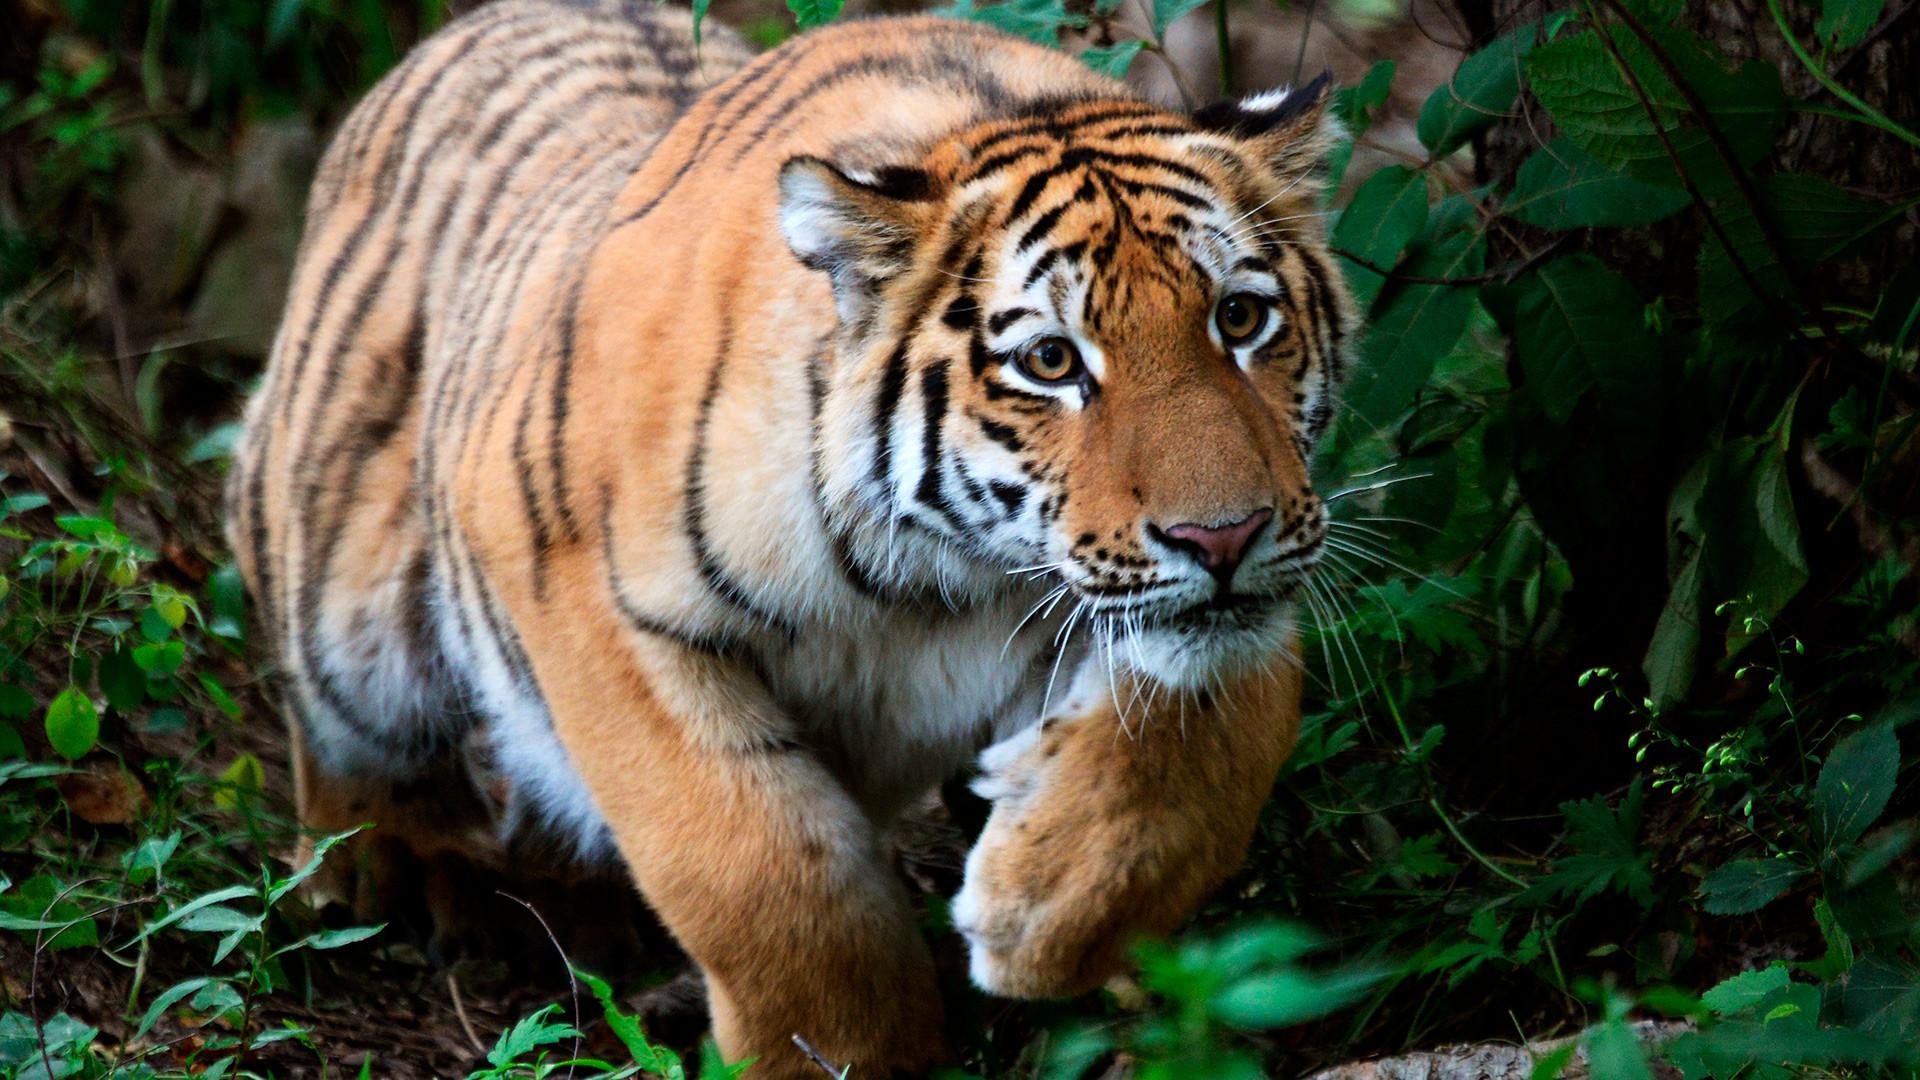 Тигар Шерхан стар десет месеци. Младунче чувеног амурског тигра Амура и тигрице Усури. Приморски сафари парк.